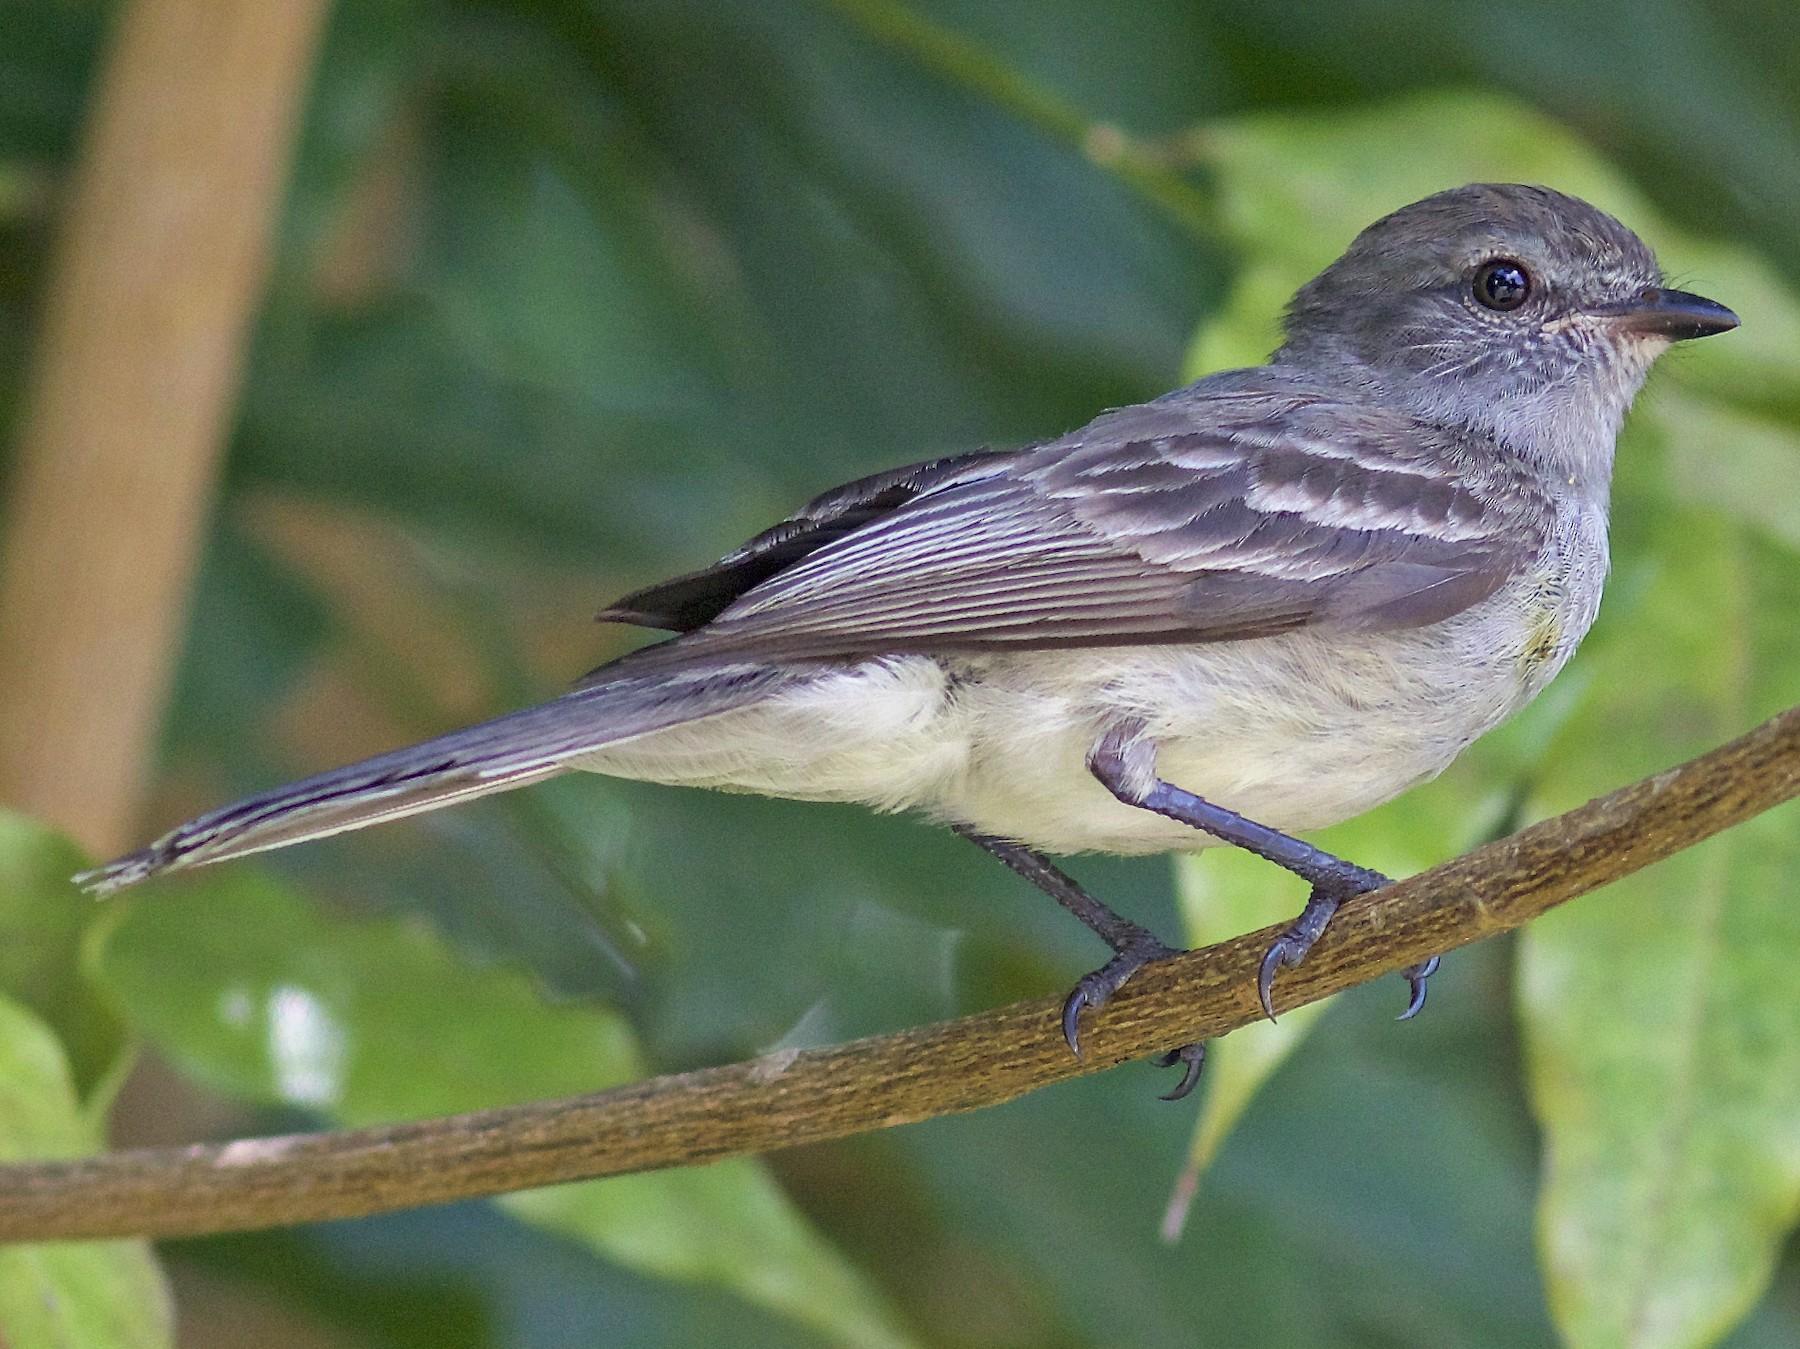 Amazonian Scrub-Flycatcher - Luiz Matos